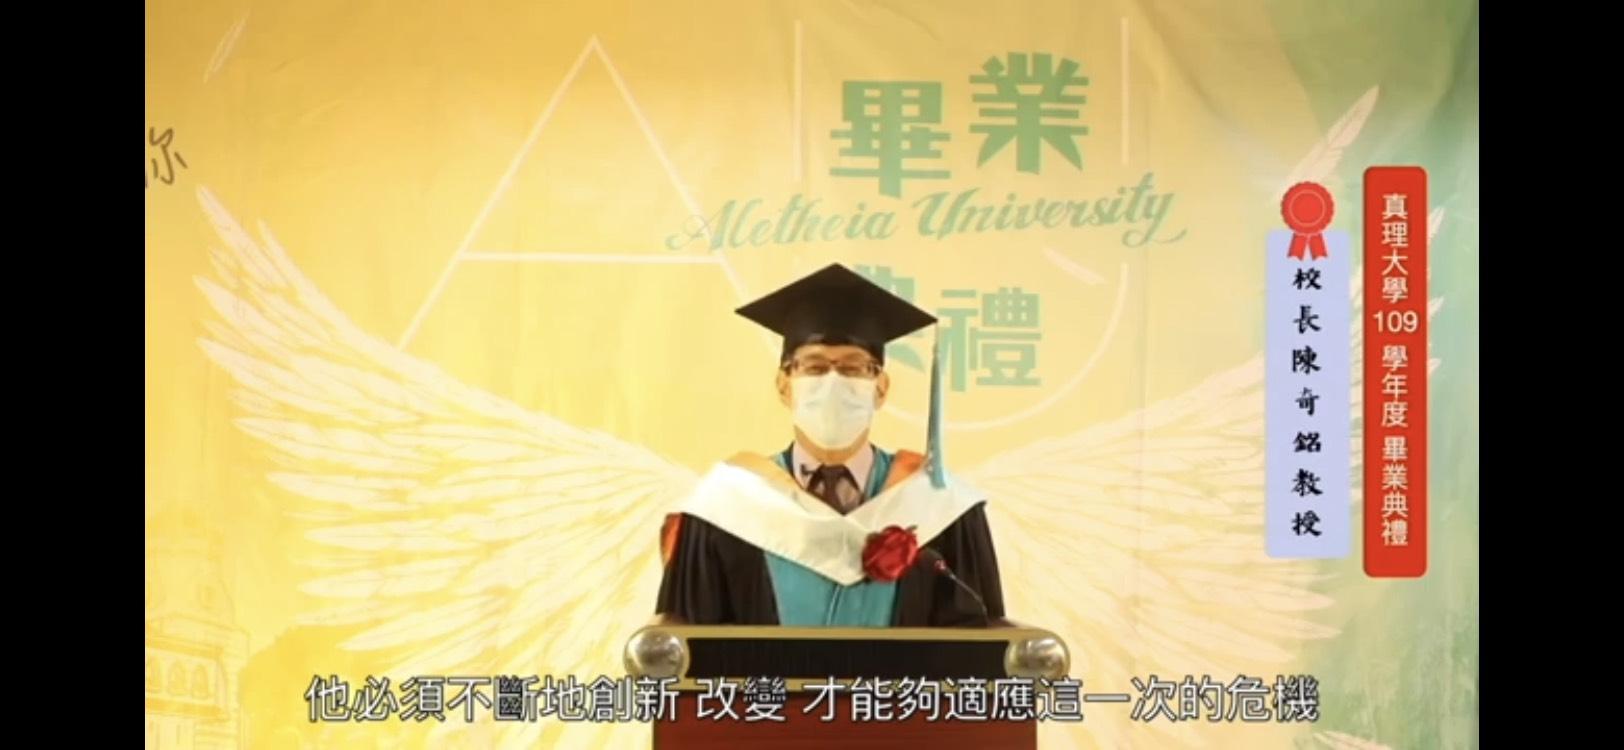 真理大學 畢業典禮-2021畢業典禮